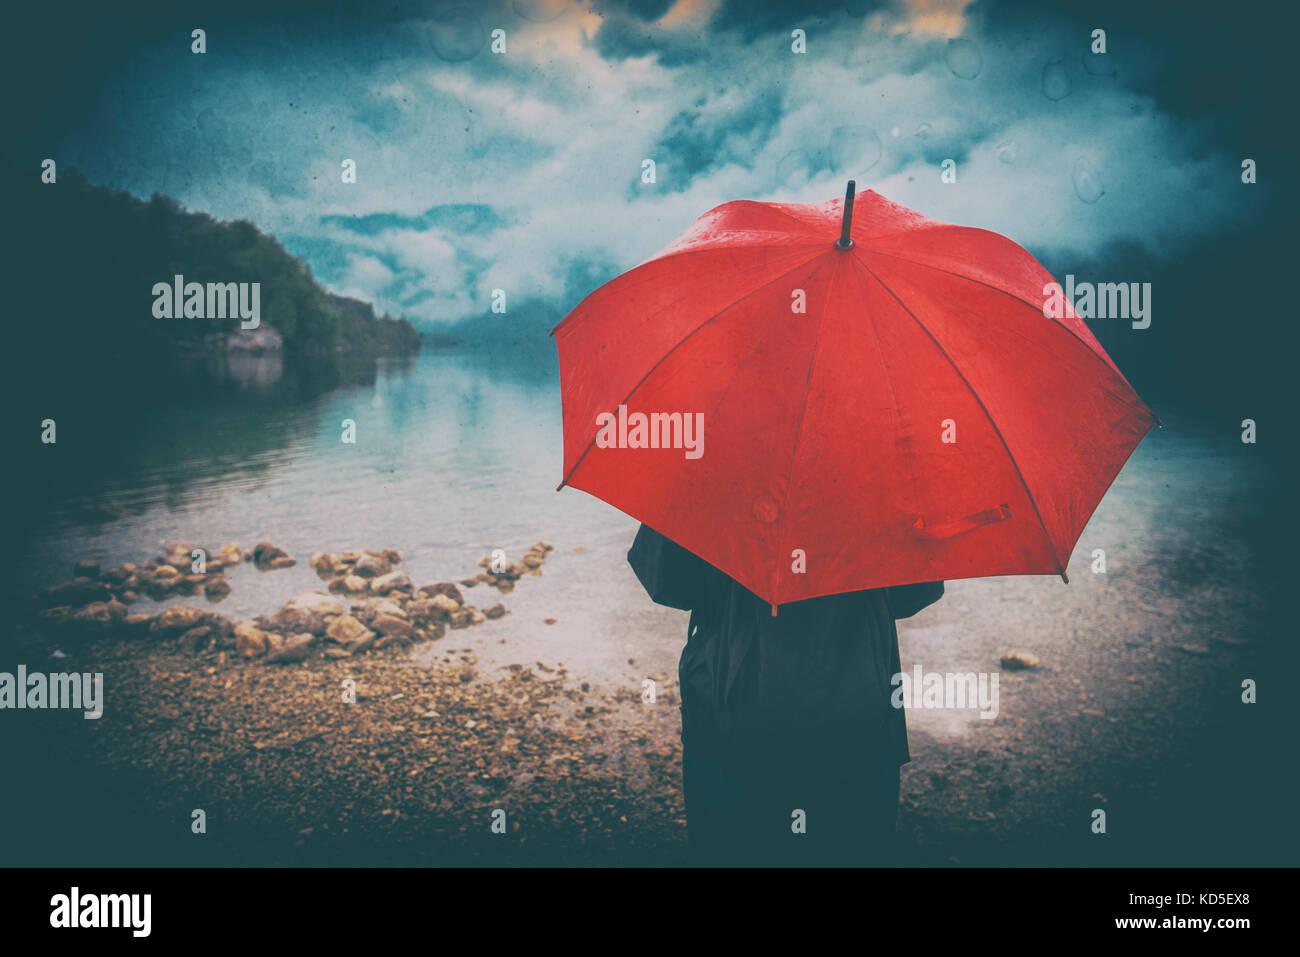 Frau mit roten Dach betrachtet auf Regen vor einem See. traurig und einsam weibliche Person in die Ferne schauen. Stockbild